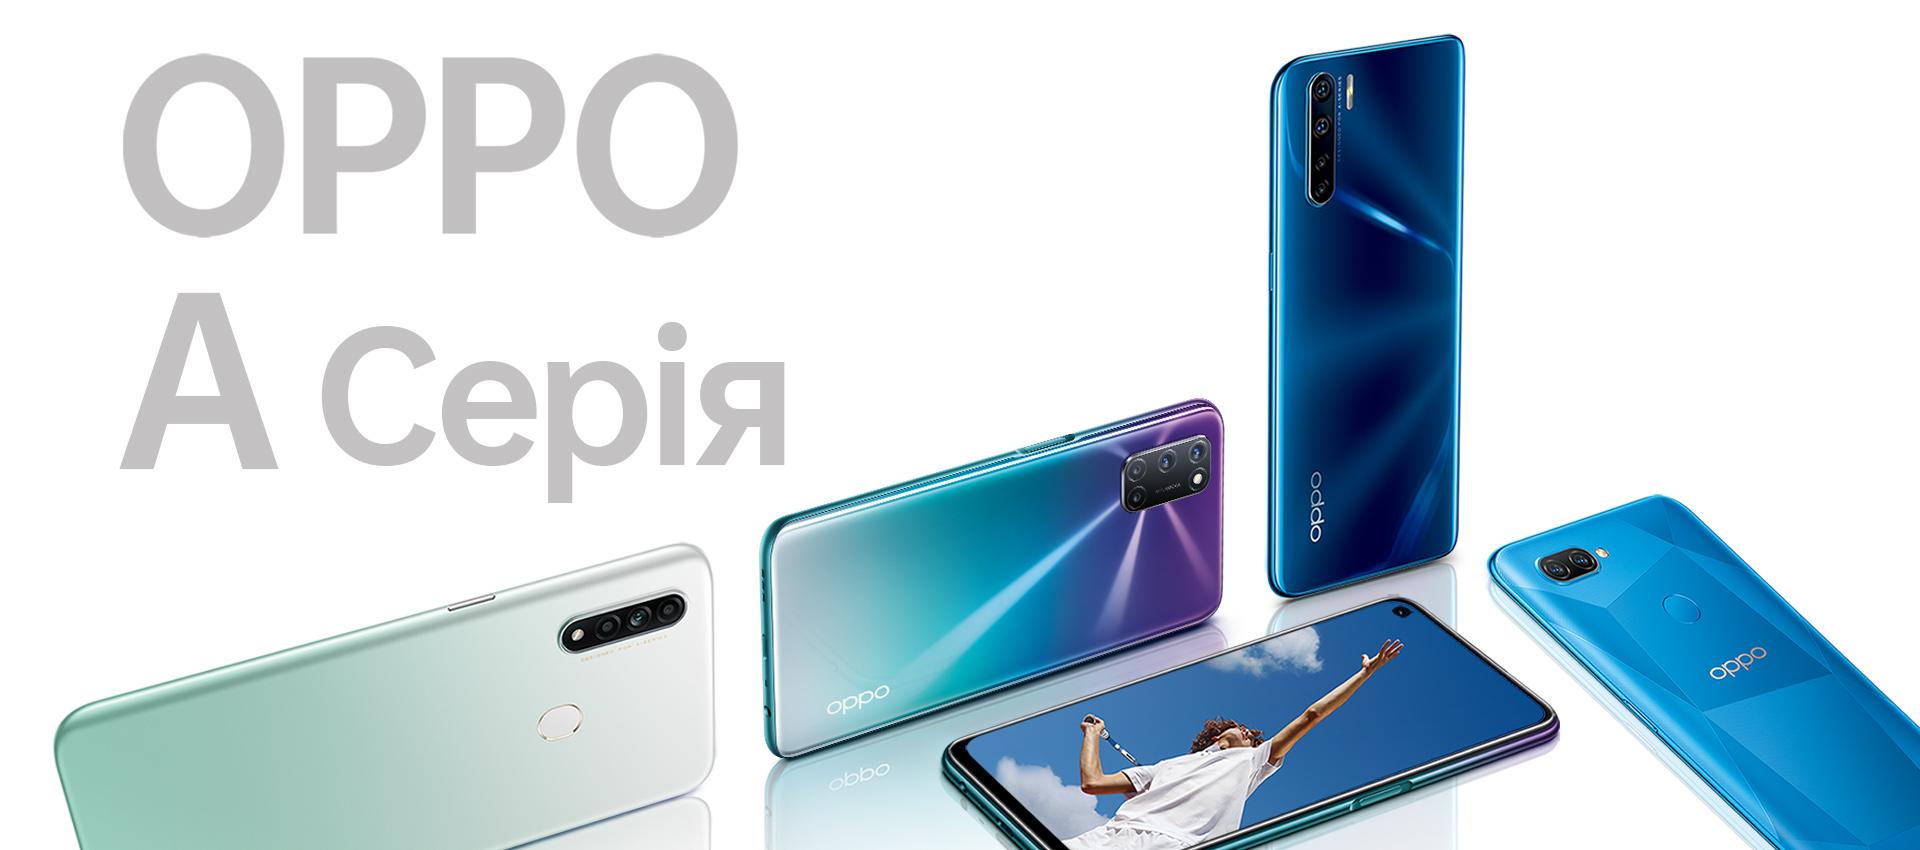 OPPO AED Ukraine разом із зірковою гостею презентували в Instagram нову А серію смартфонів ОРРО